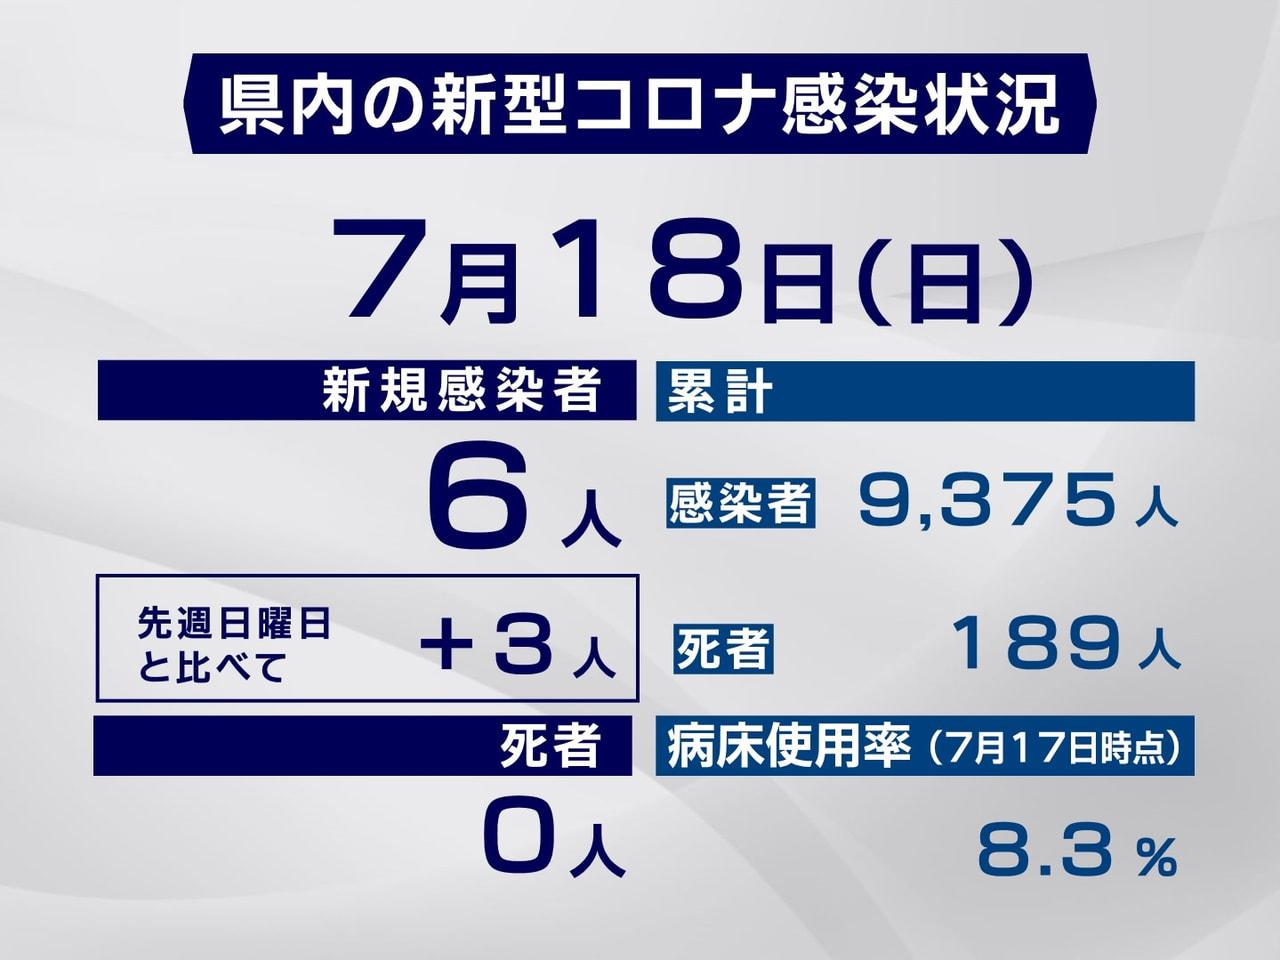 岐阜県と岐阜市は18日、新型コロナウイルスの感染者が新たに6人確認されたと発表し...